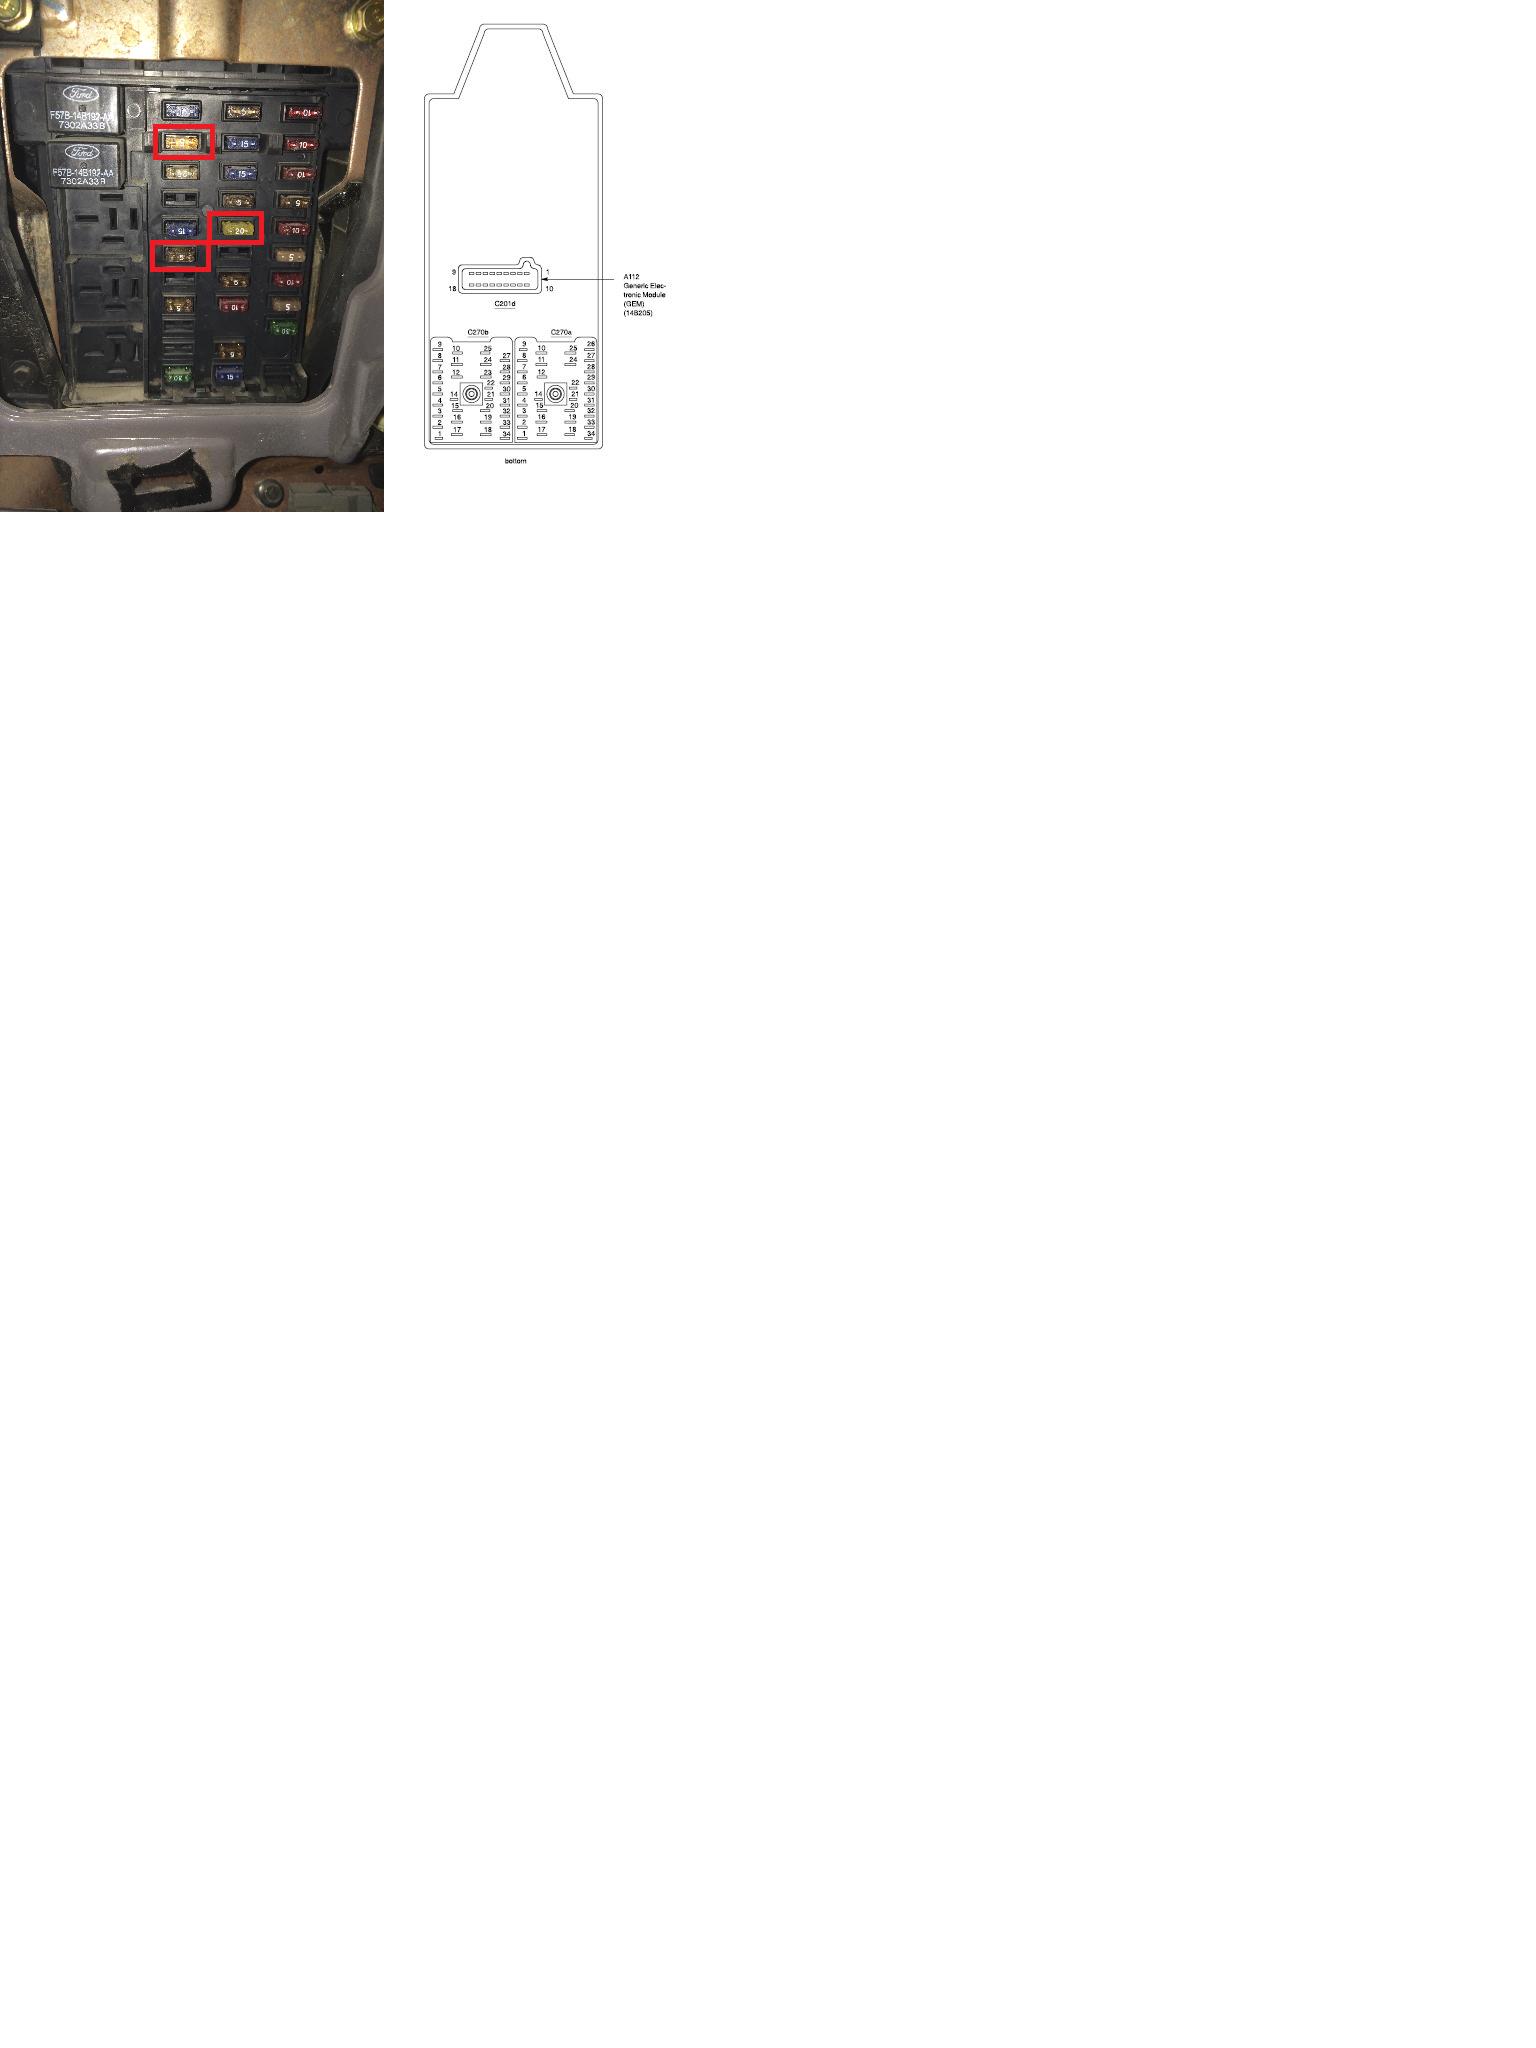 0793d7fc-f378-4a73-960d-310a3540d009_fuseBoxFordF250-2.png